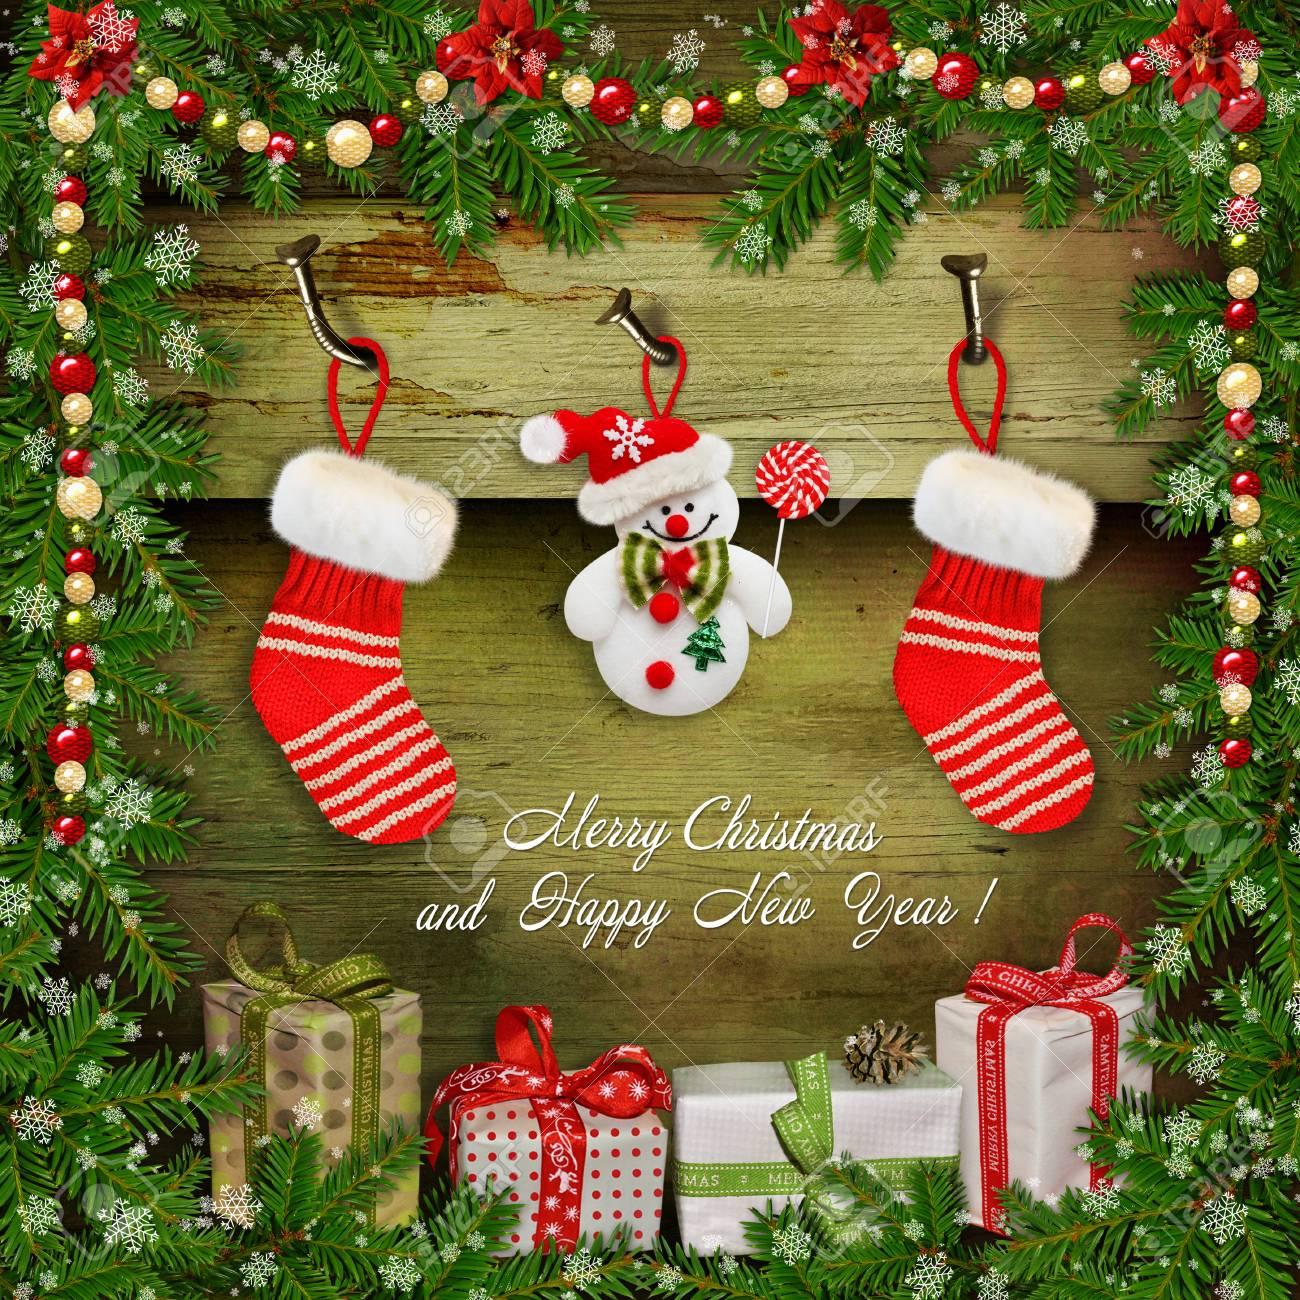 fond de noël avec des cadeaux, bonhomme de neige, chaussette, des